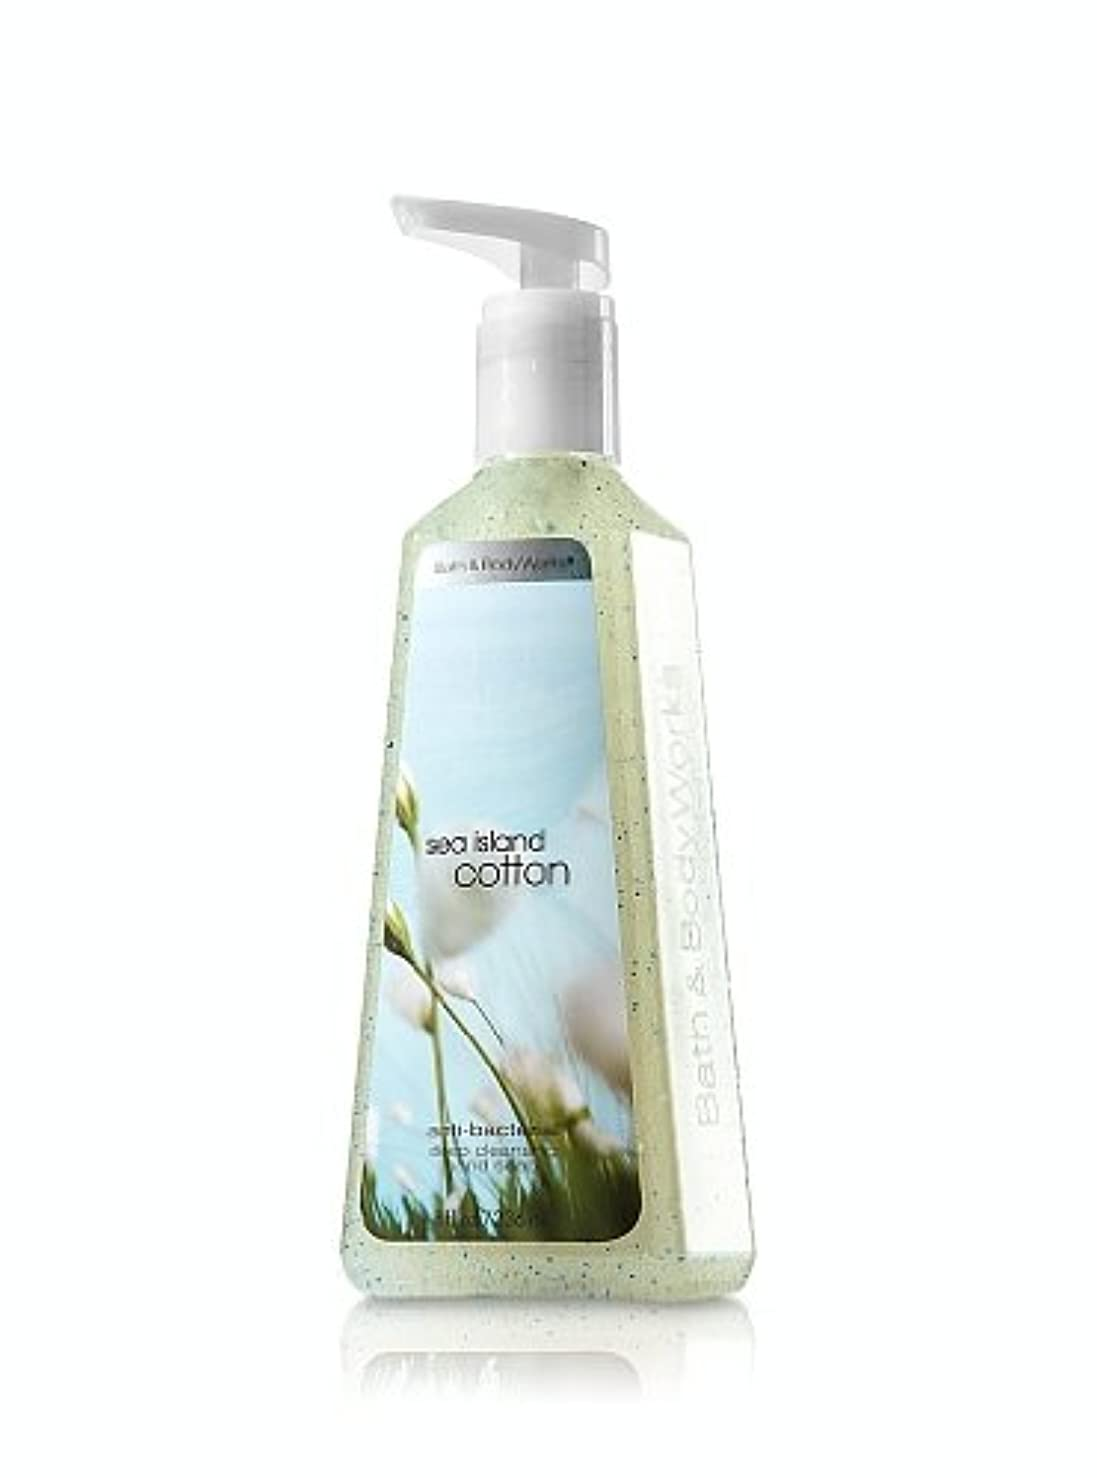 仕様成熟キロメートルバス&ボディワークス シーアイランドコットン ディープクレンジングハンドソープ Sea Island Cotton Deep Cleansing Hand Soap [並行輸入品]